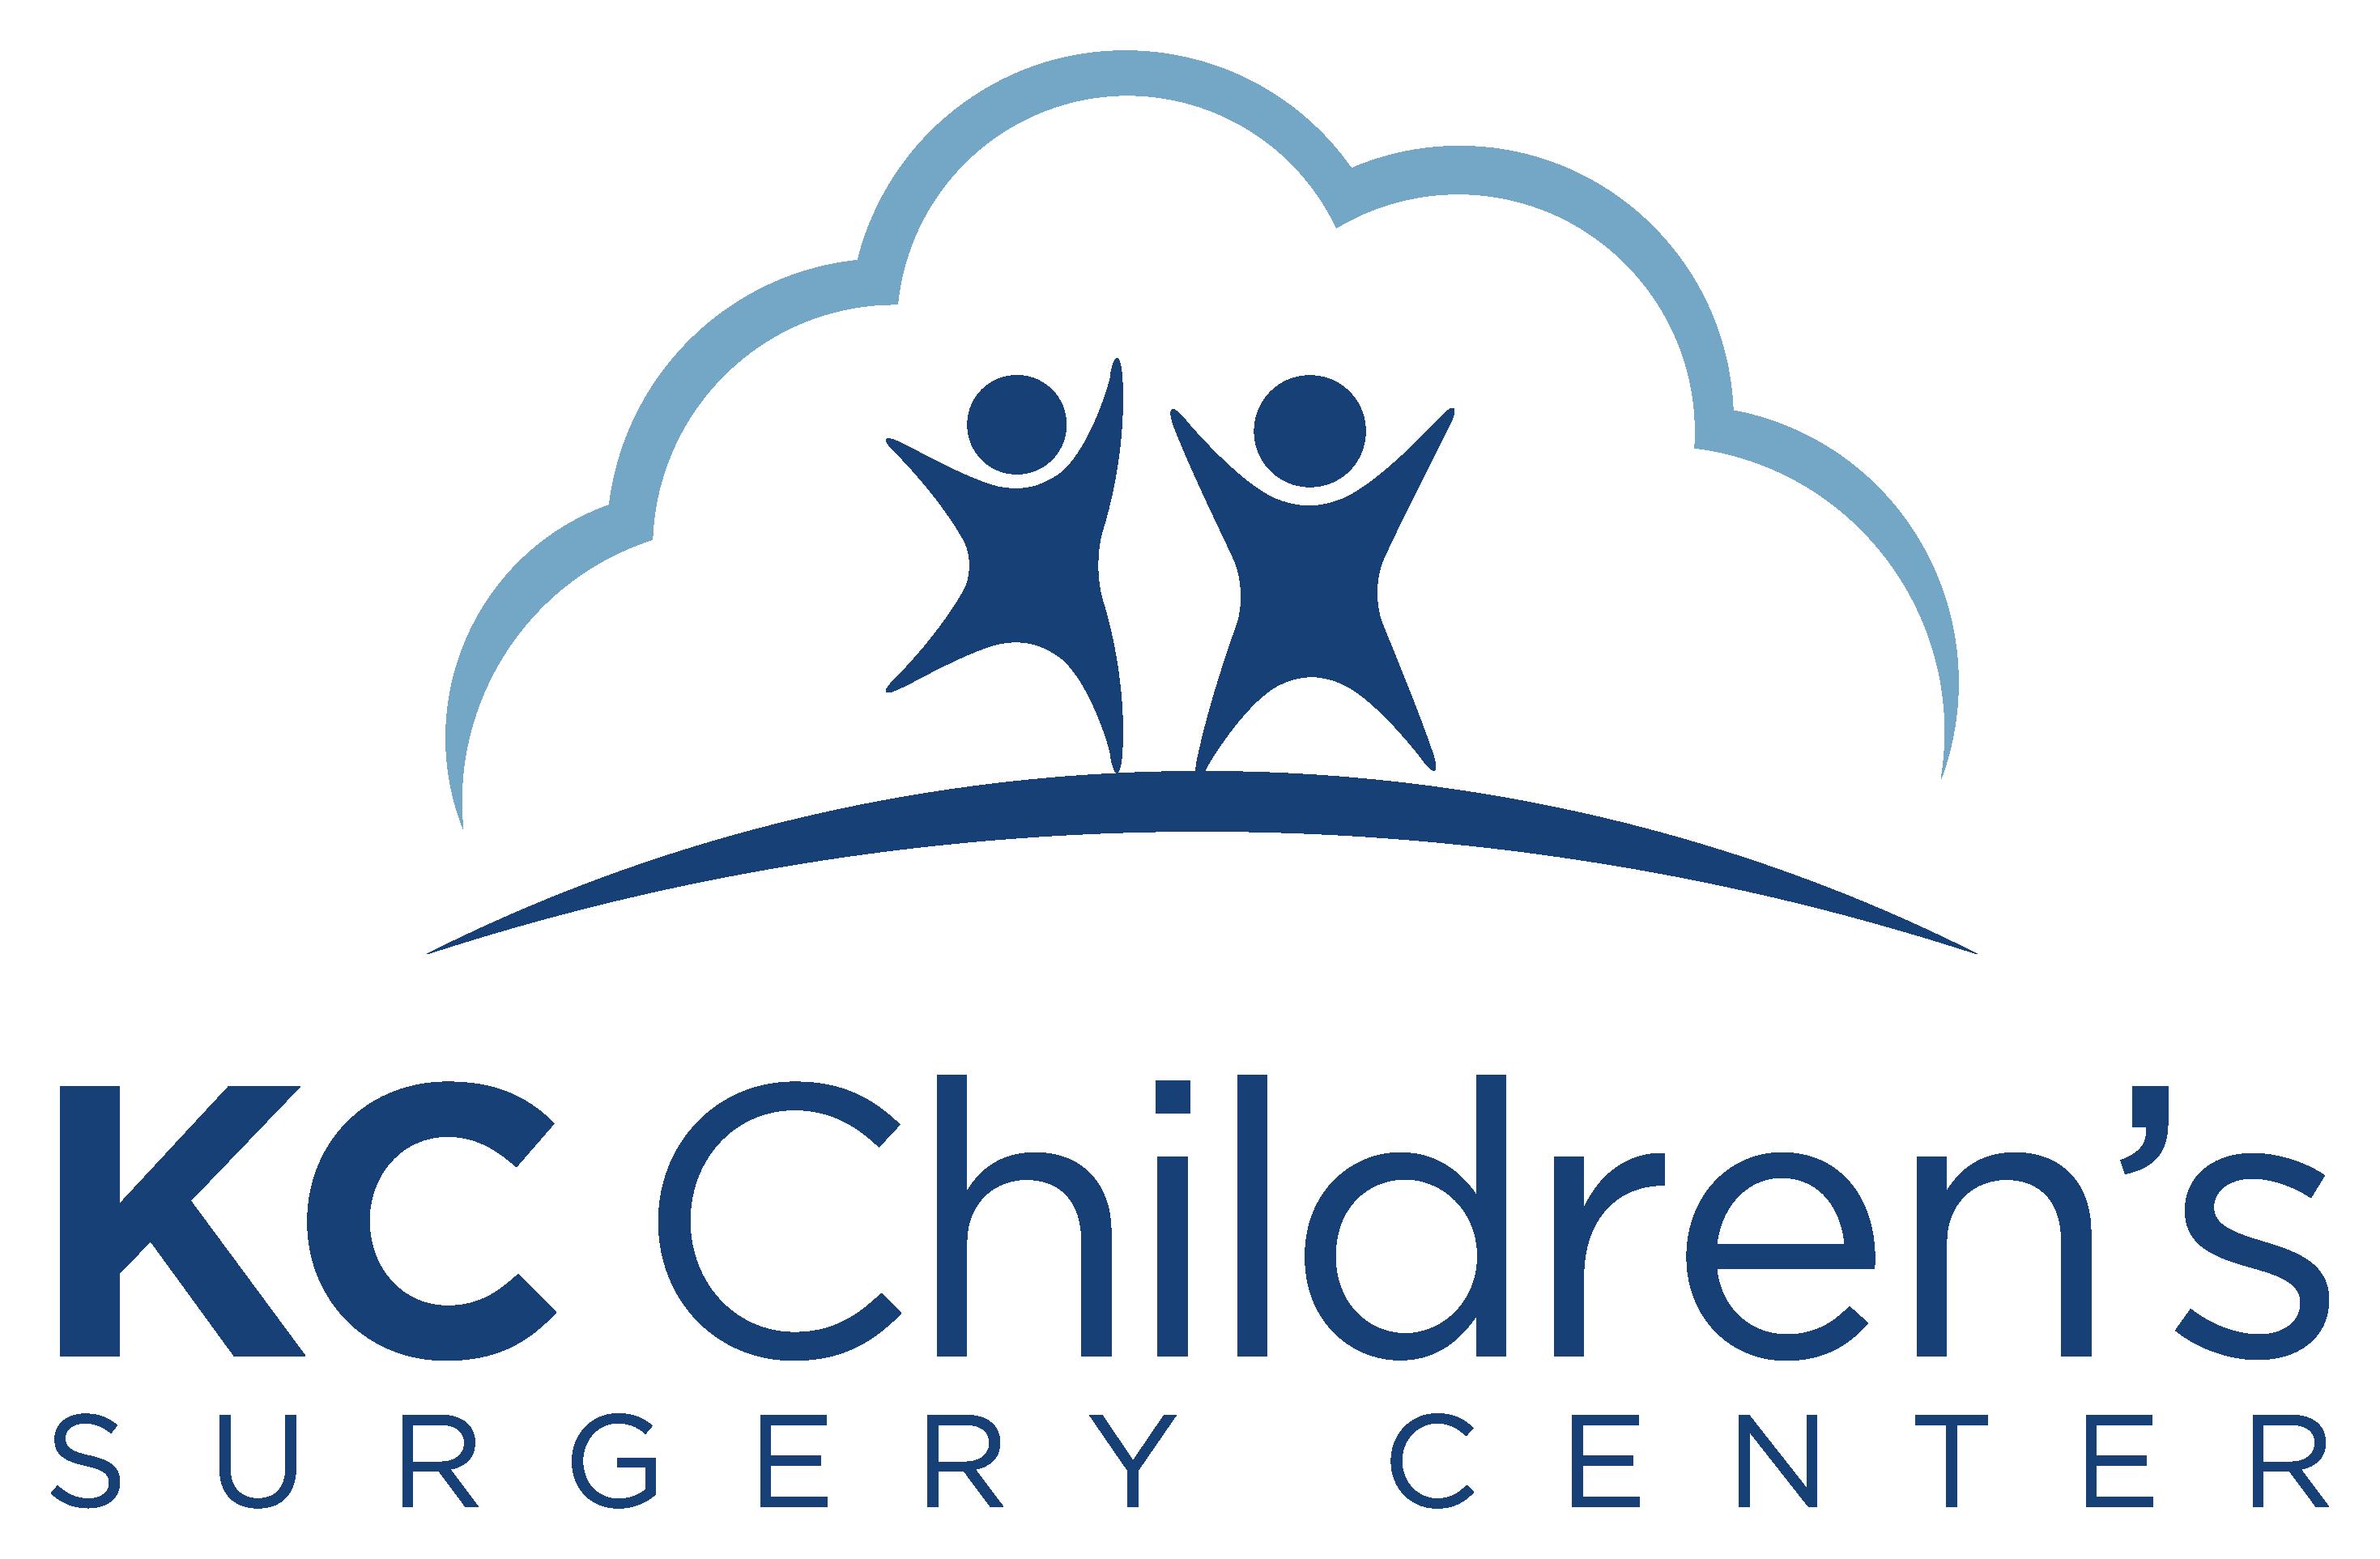 KC Children's Surgery Center